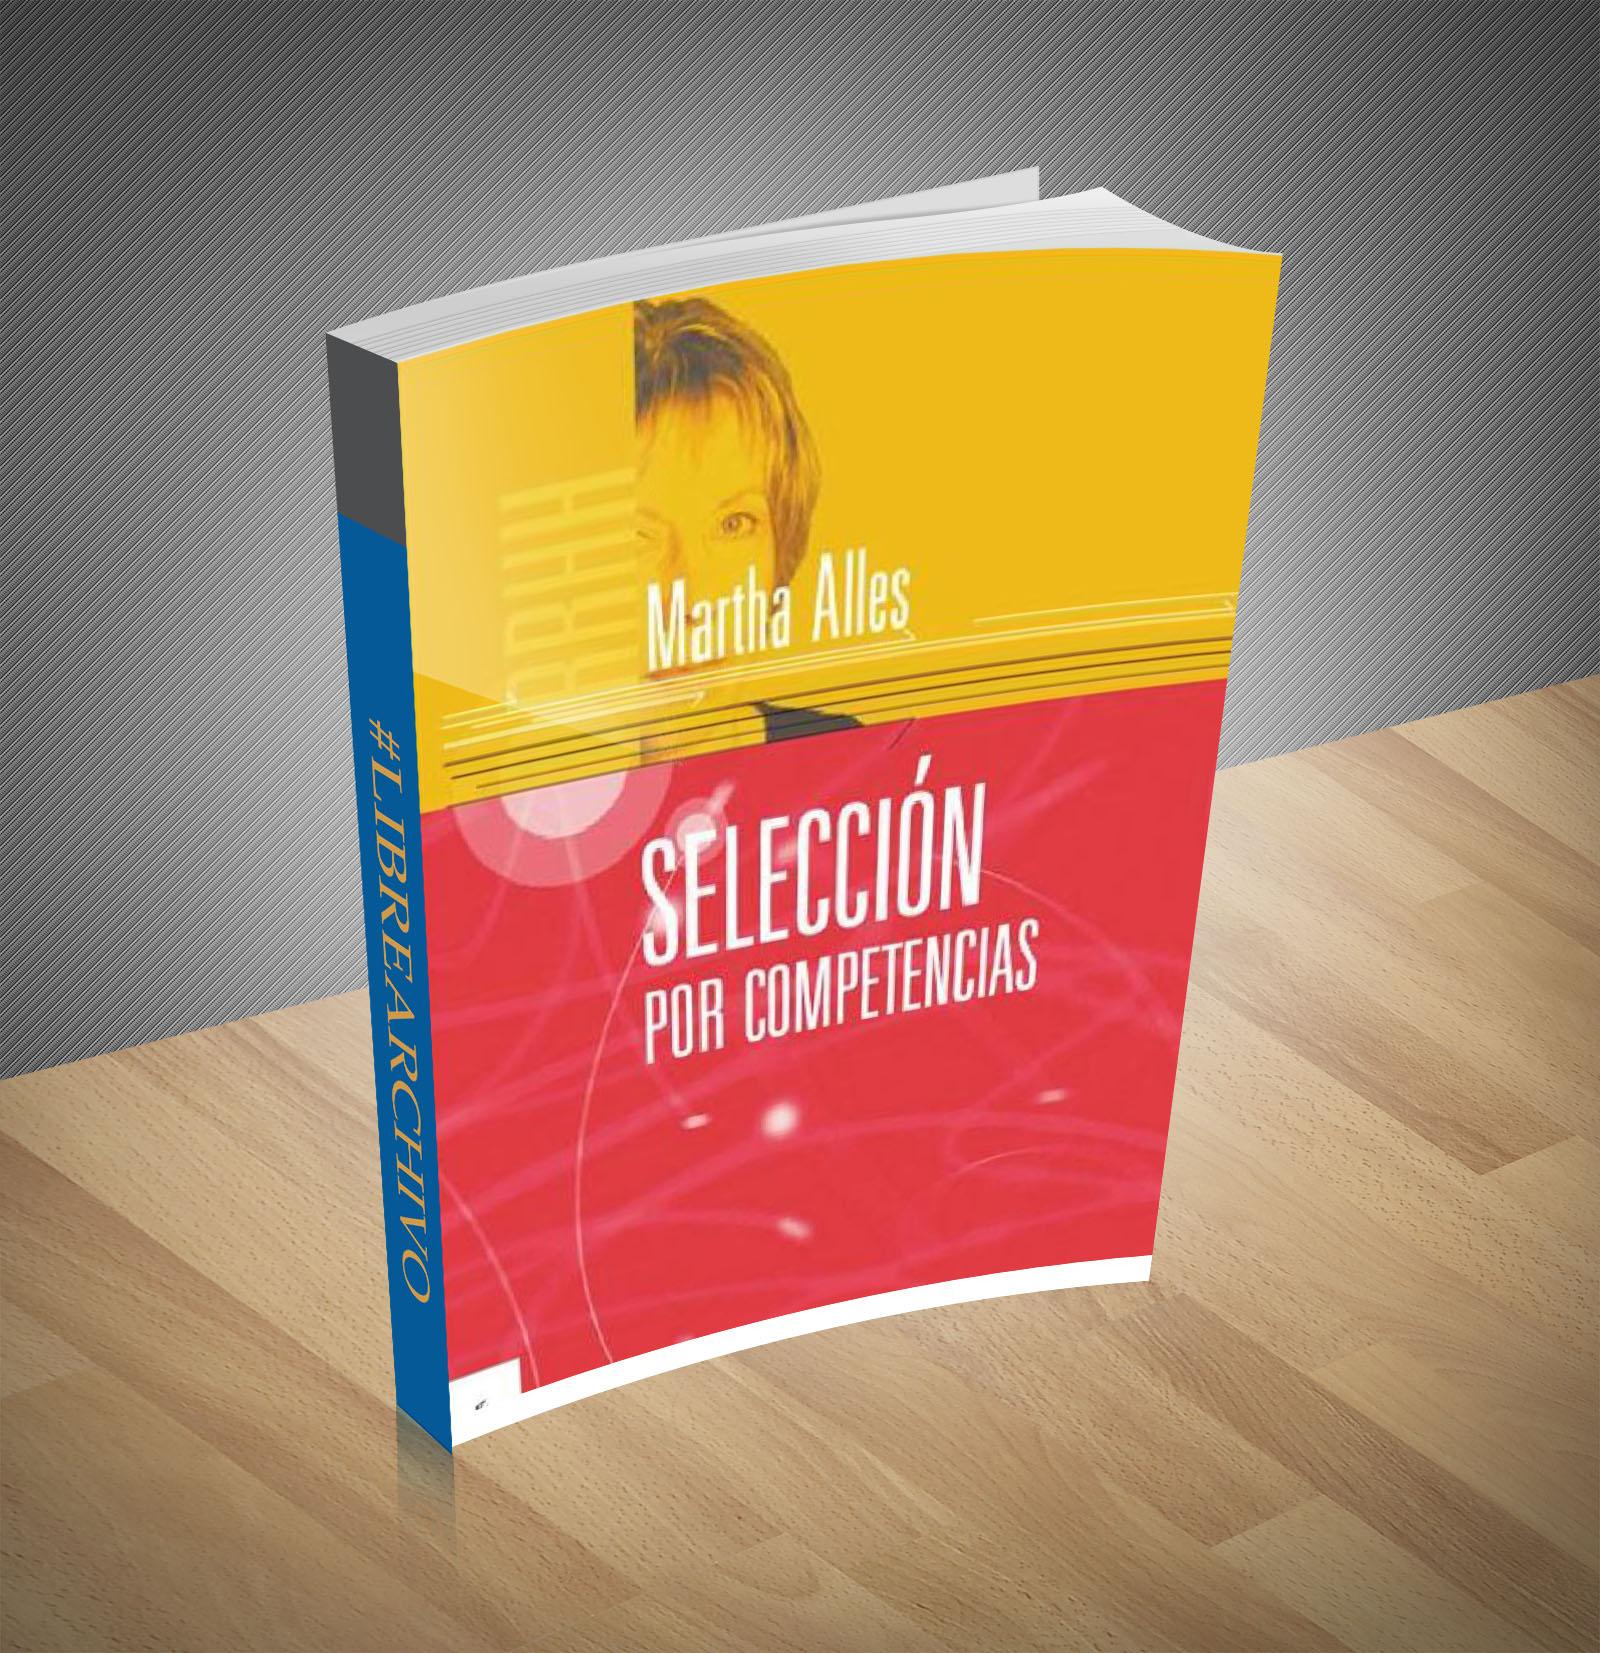 Selección por competencias - Martha Alles - PDF - Ebook